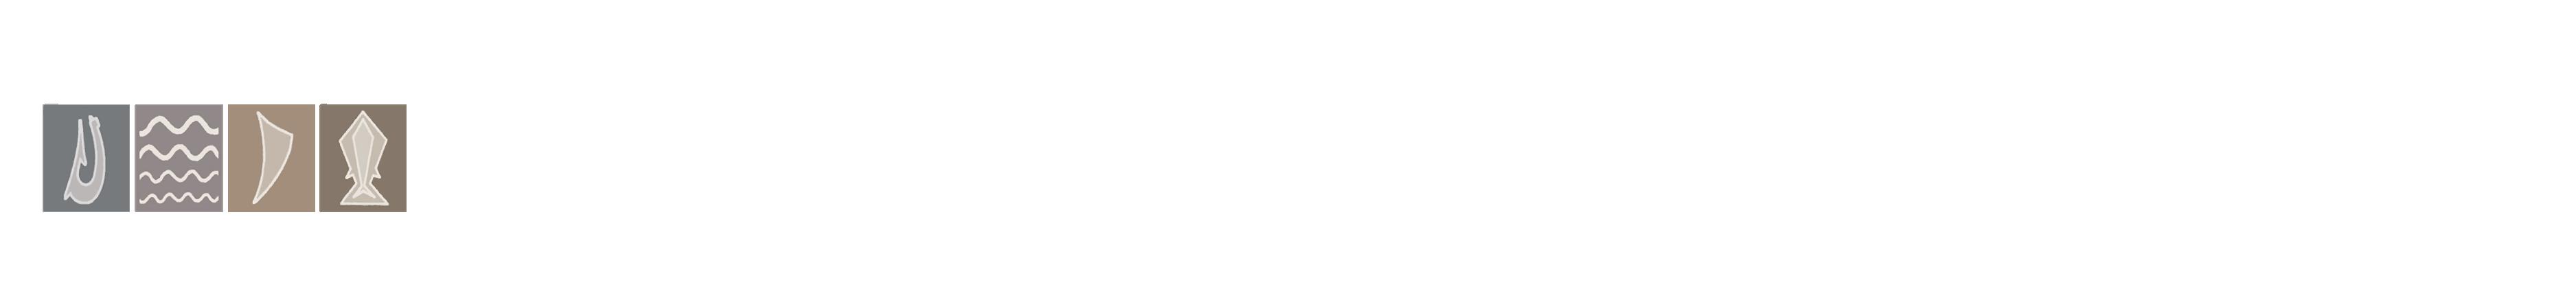 FFA's TunaPacific: Fisheries news and views